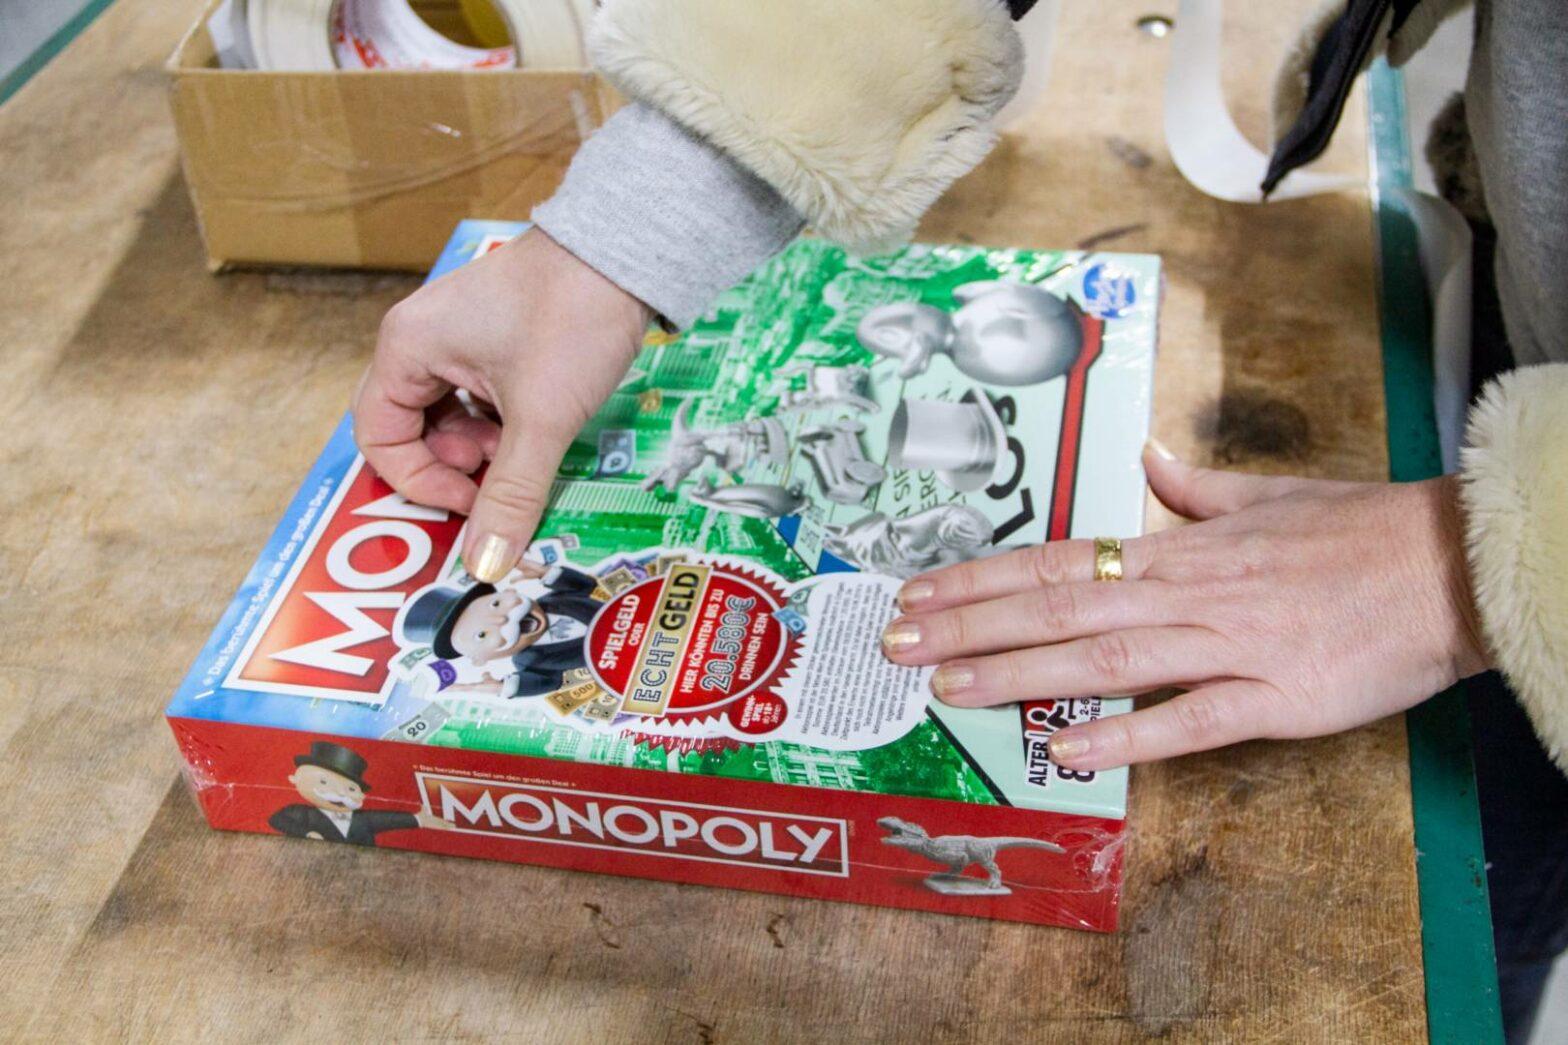 Monopoly mal mit echtem Geld spielen?